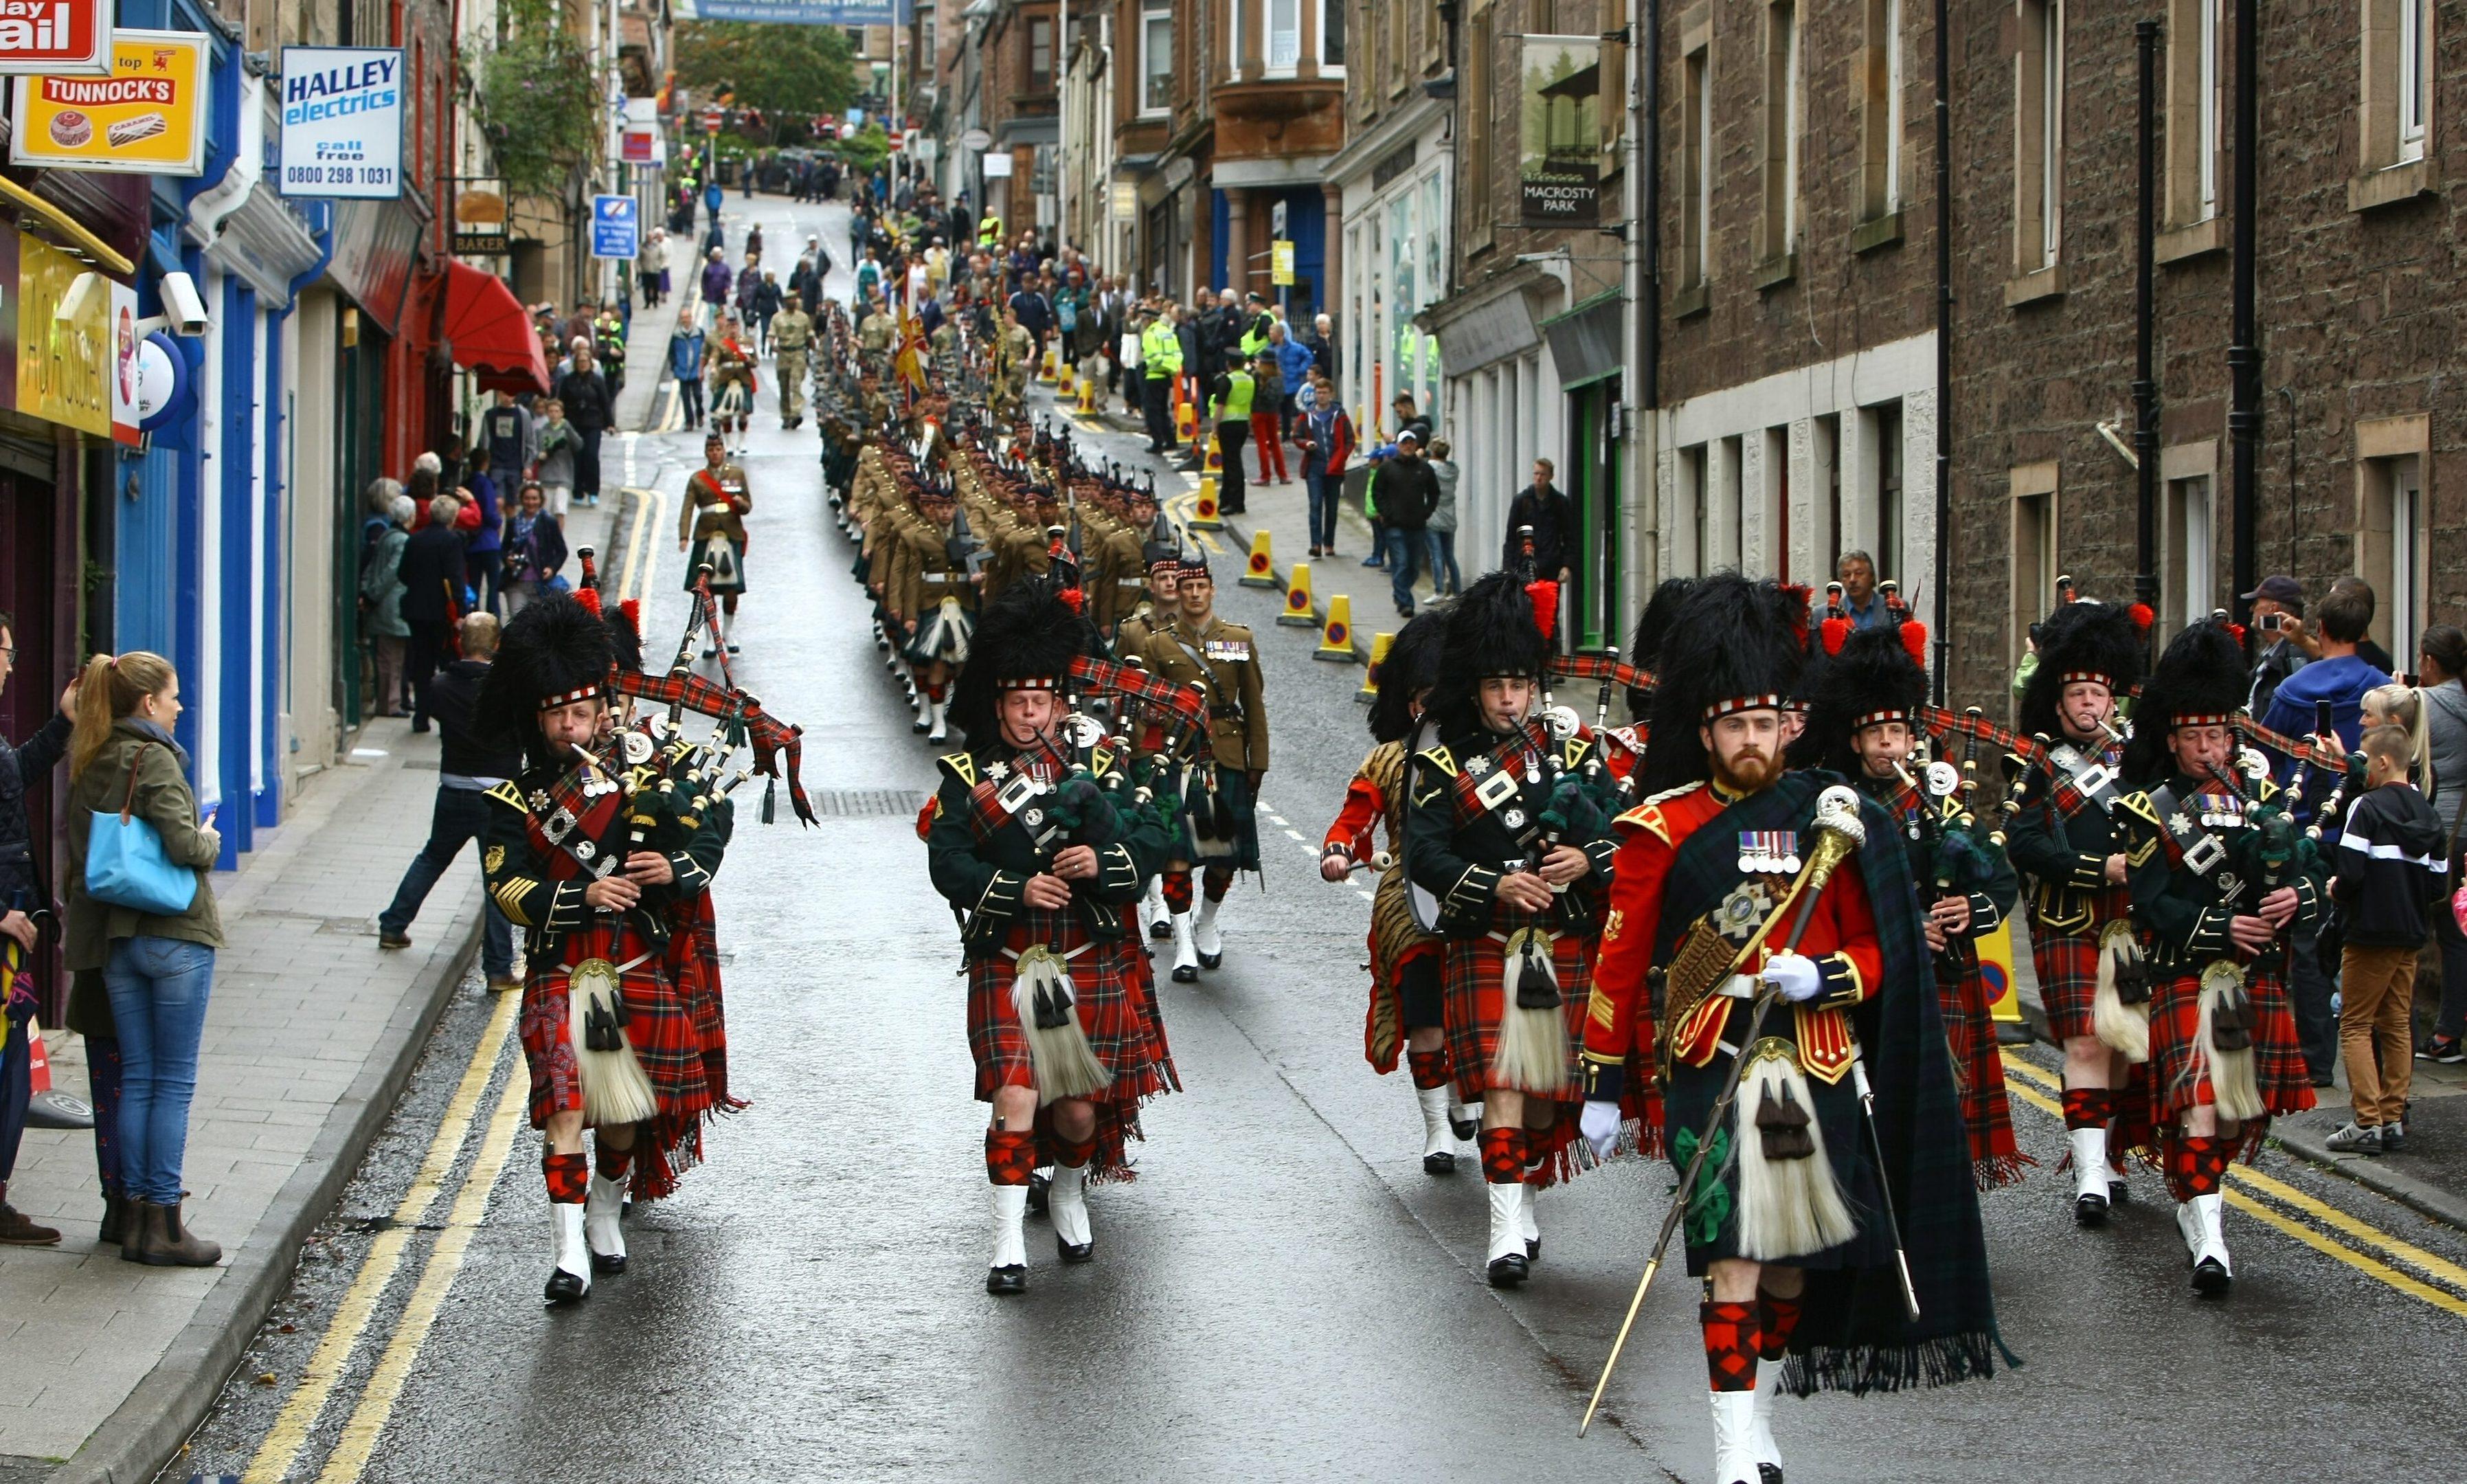 The Passchendaele procession in Crieff